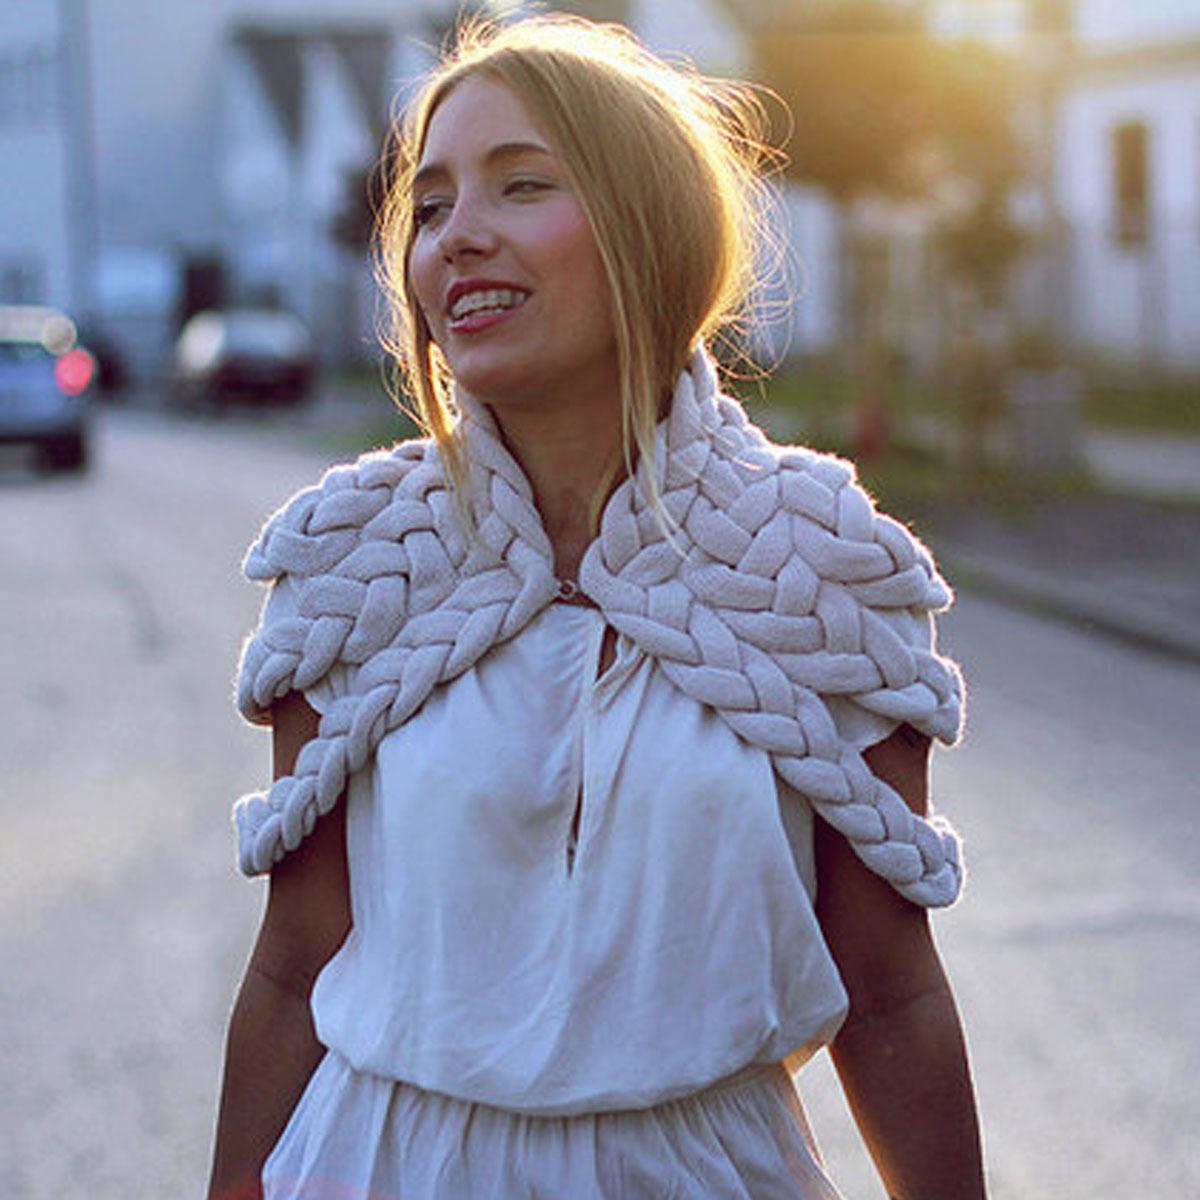 celapiu|Chalk  Braided Shrug | チョーク - 編み目のドレープが個性的なシュラグ